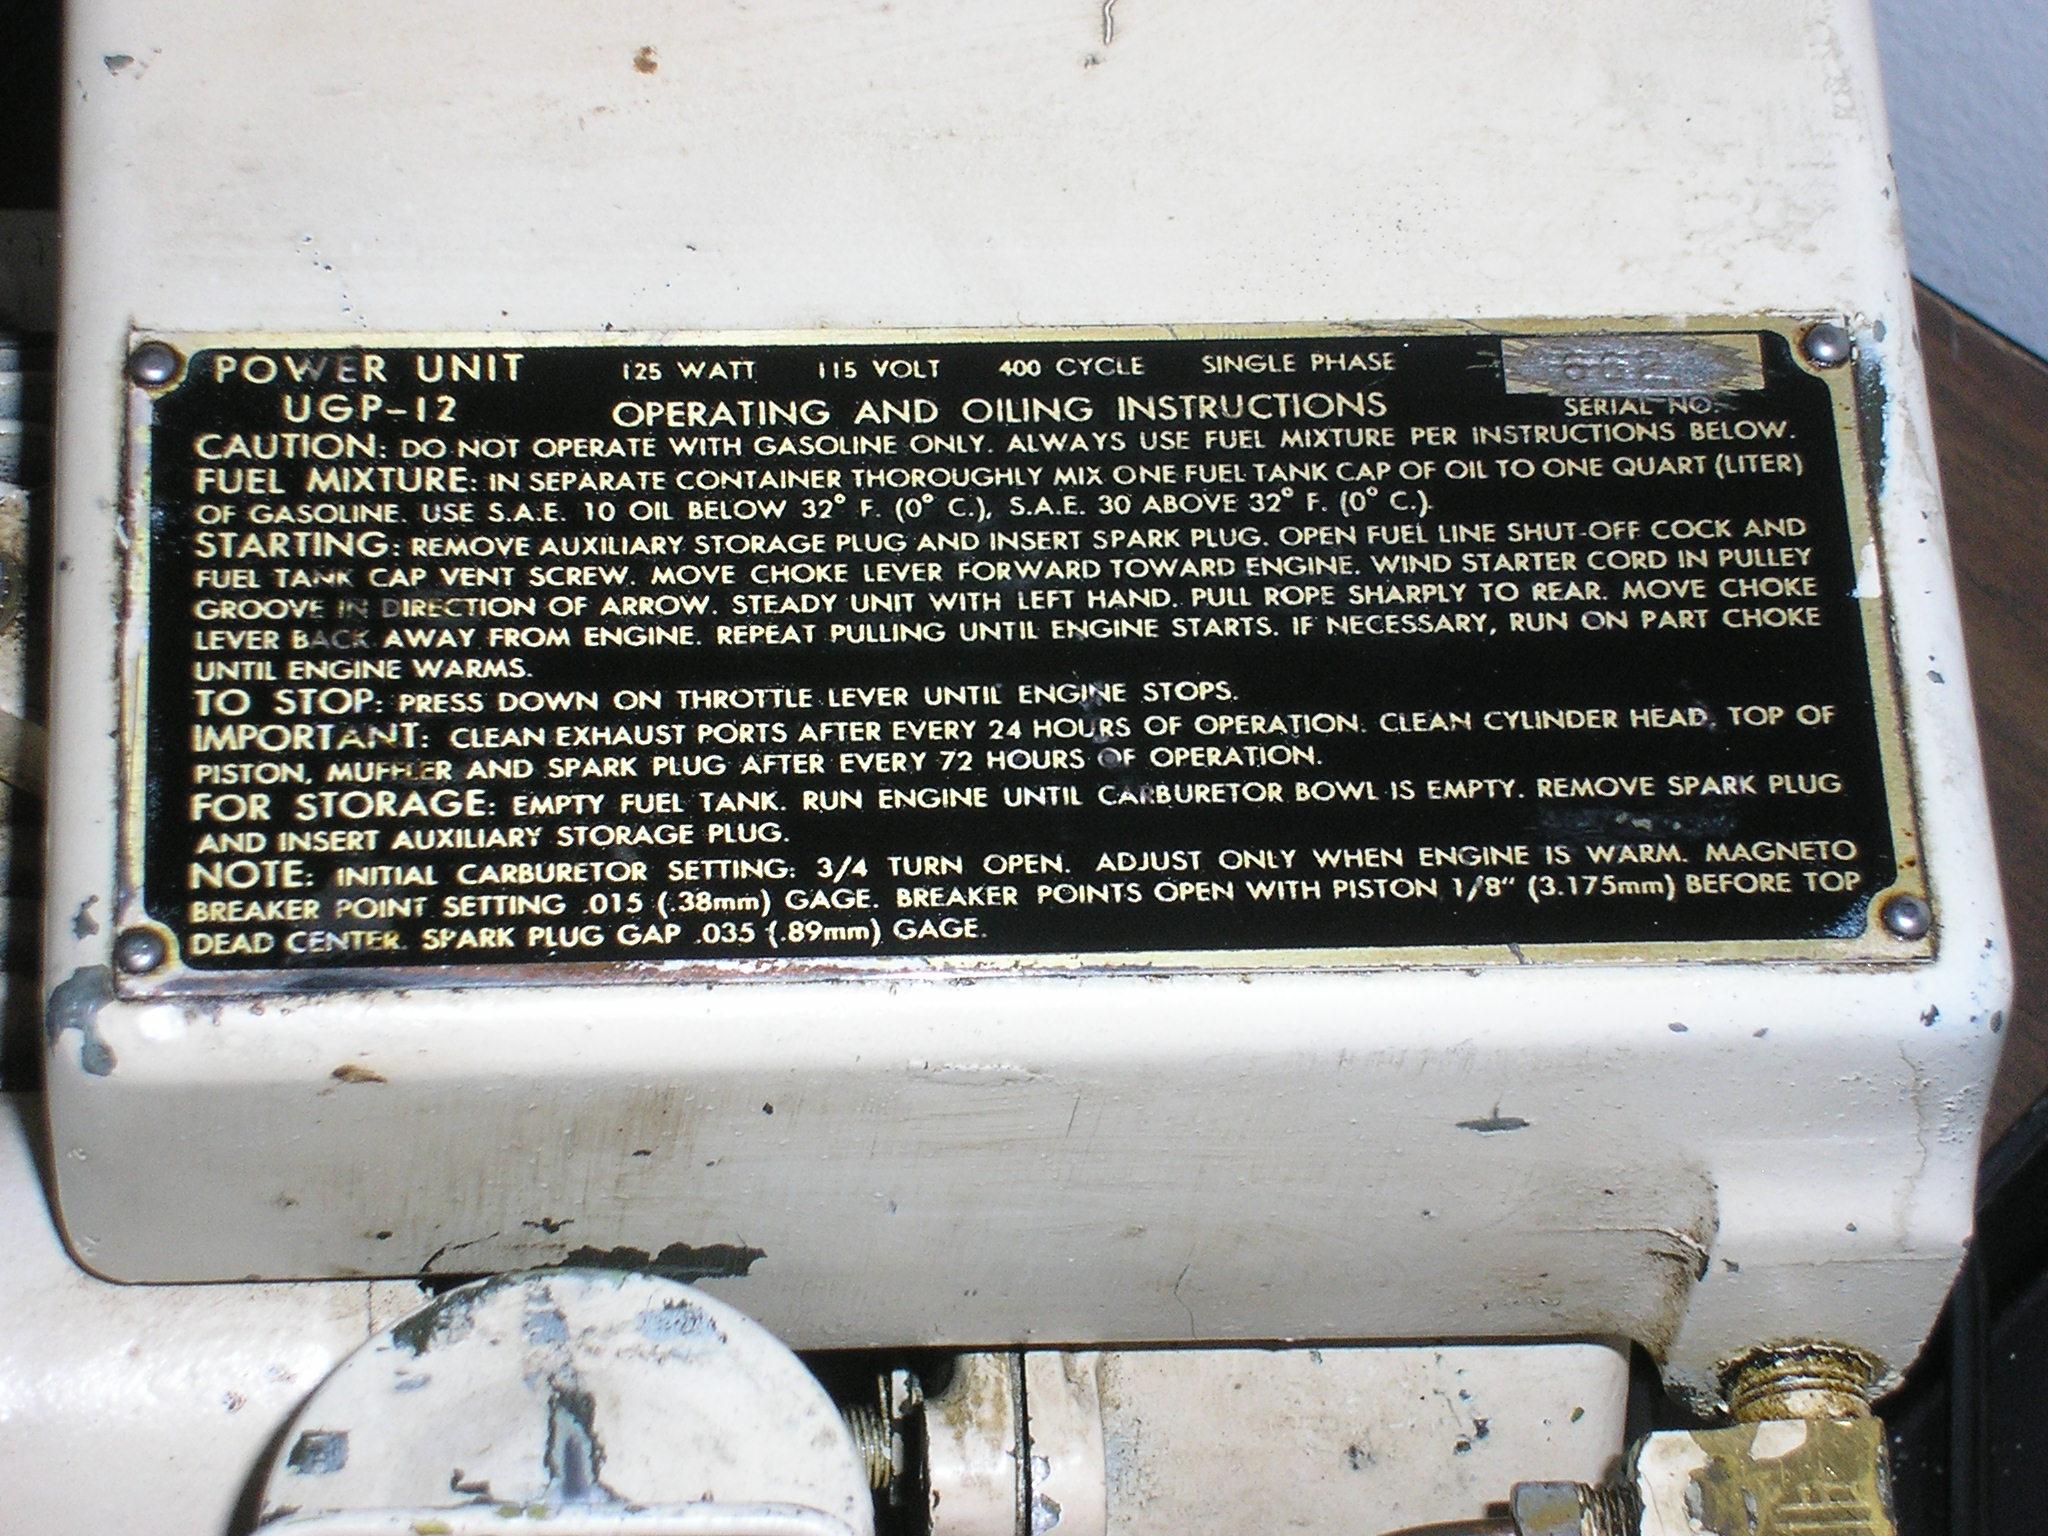 UGP-12 Data Plate